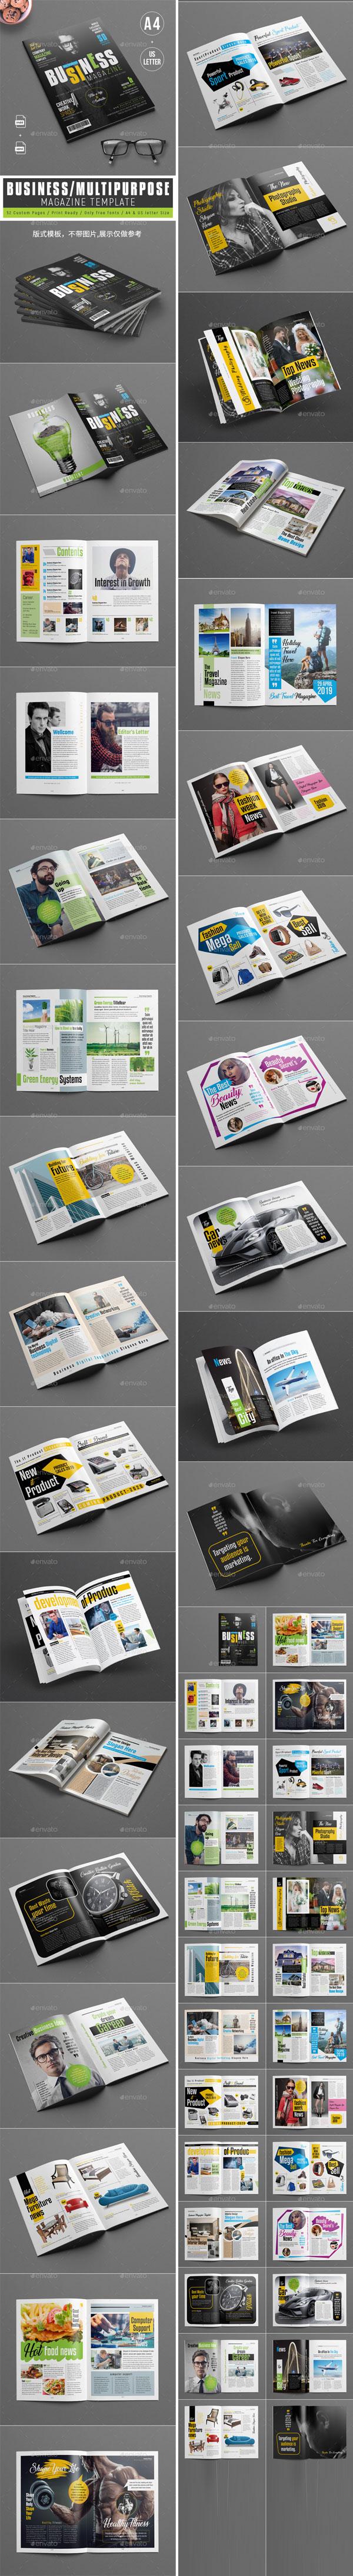 商业化杂志ID模板